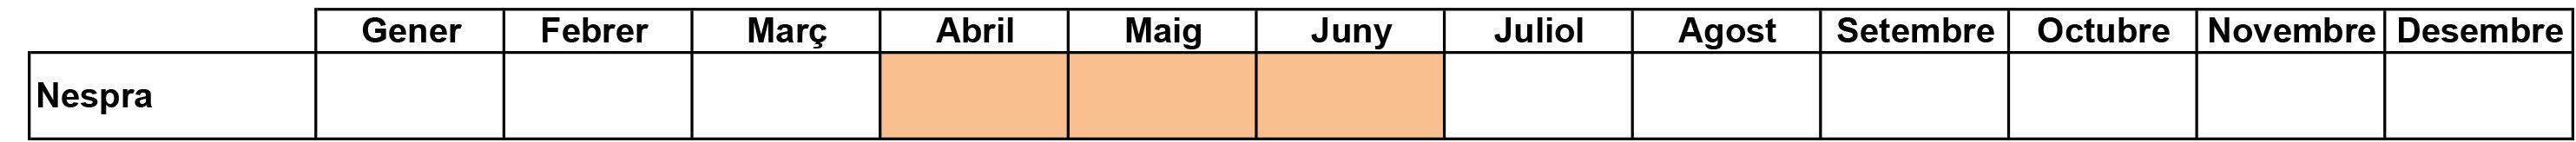 01-Calendari Nespra